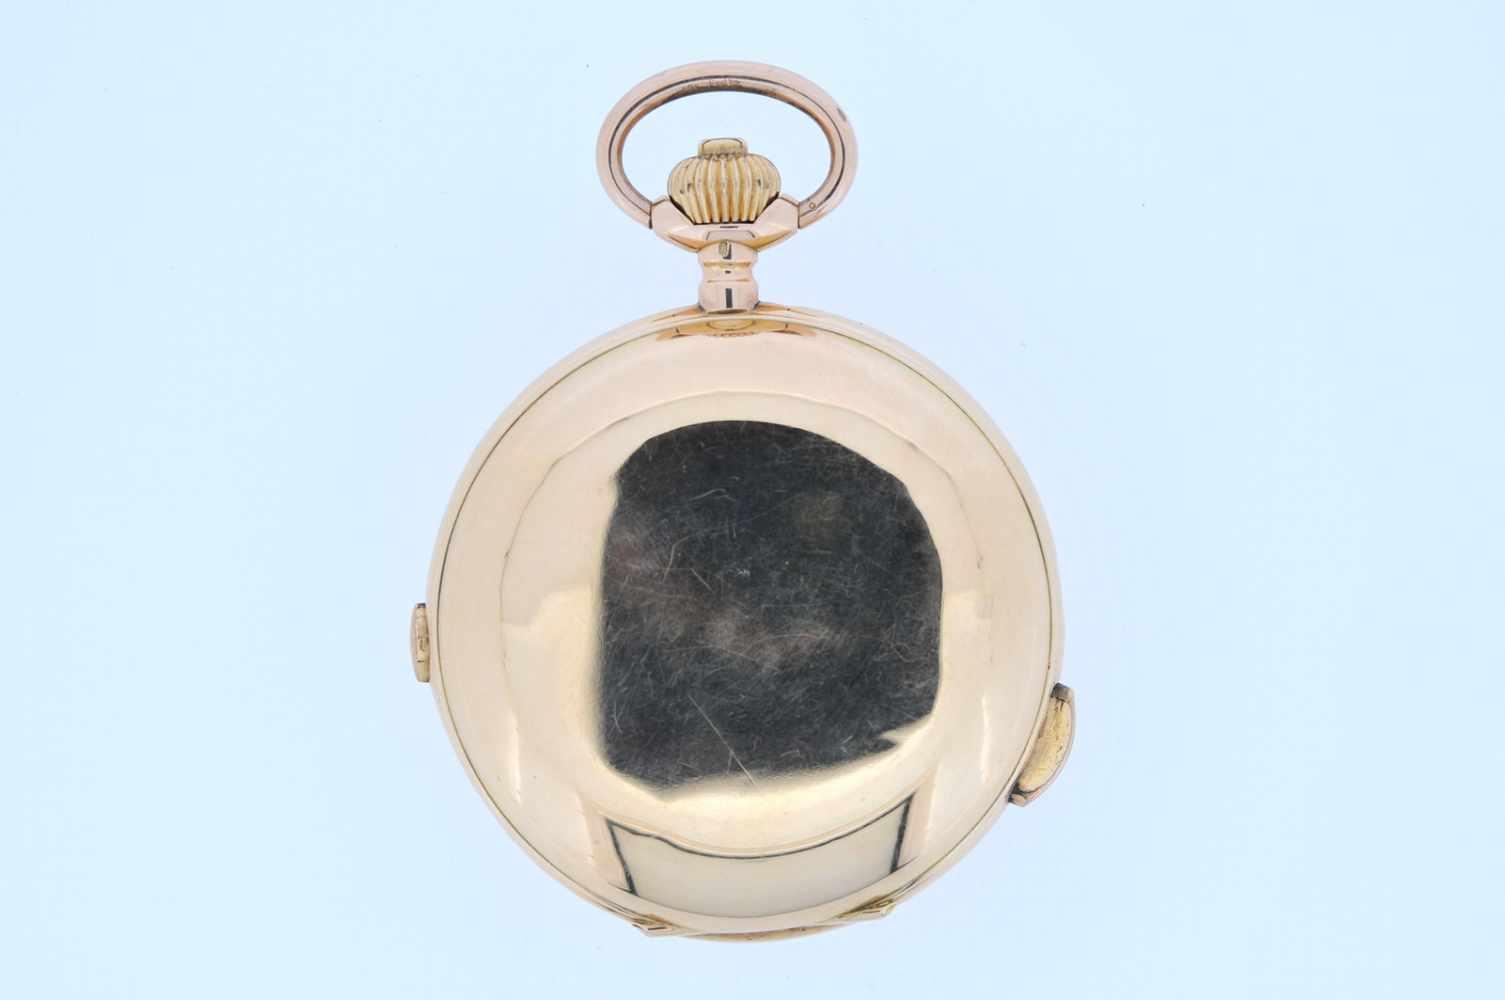 Viertelstundenrepetierer Goldene Taschenuhr mit Viertelstundenschlagwerk, kleiner Sekunde und - Bild 4 aus 4